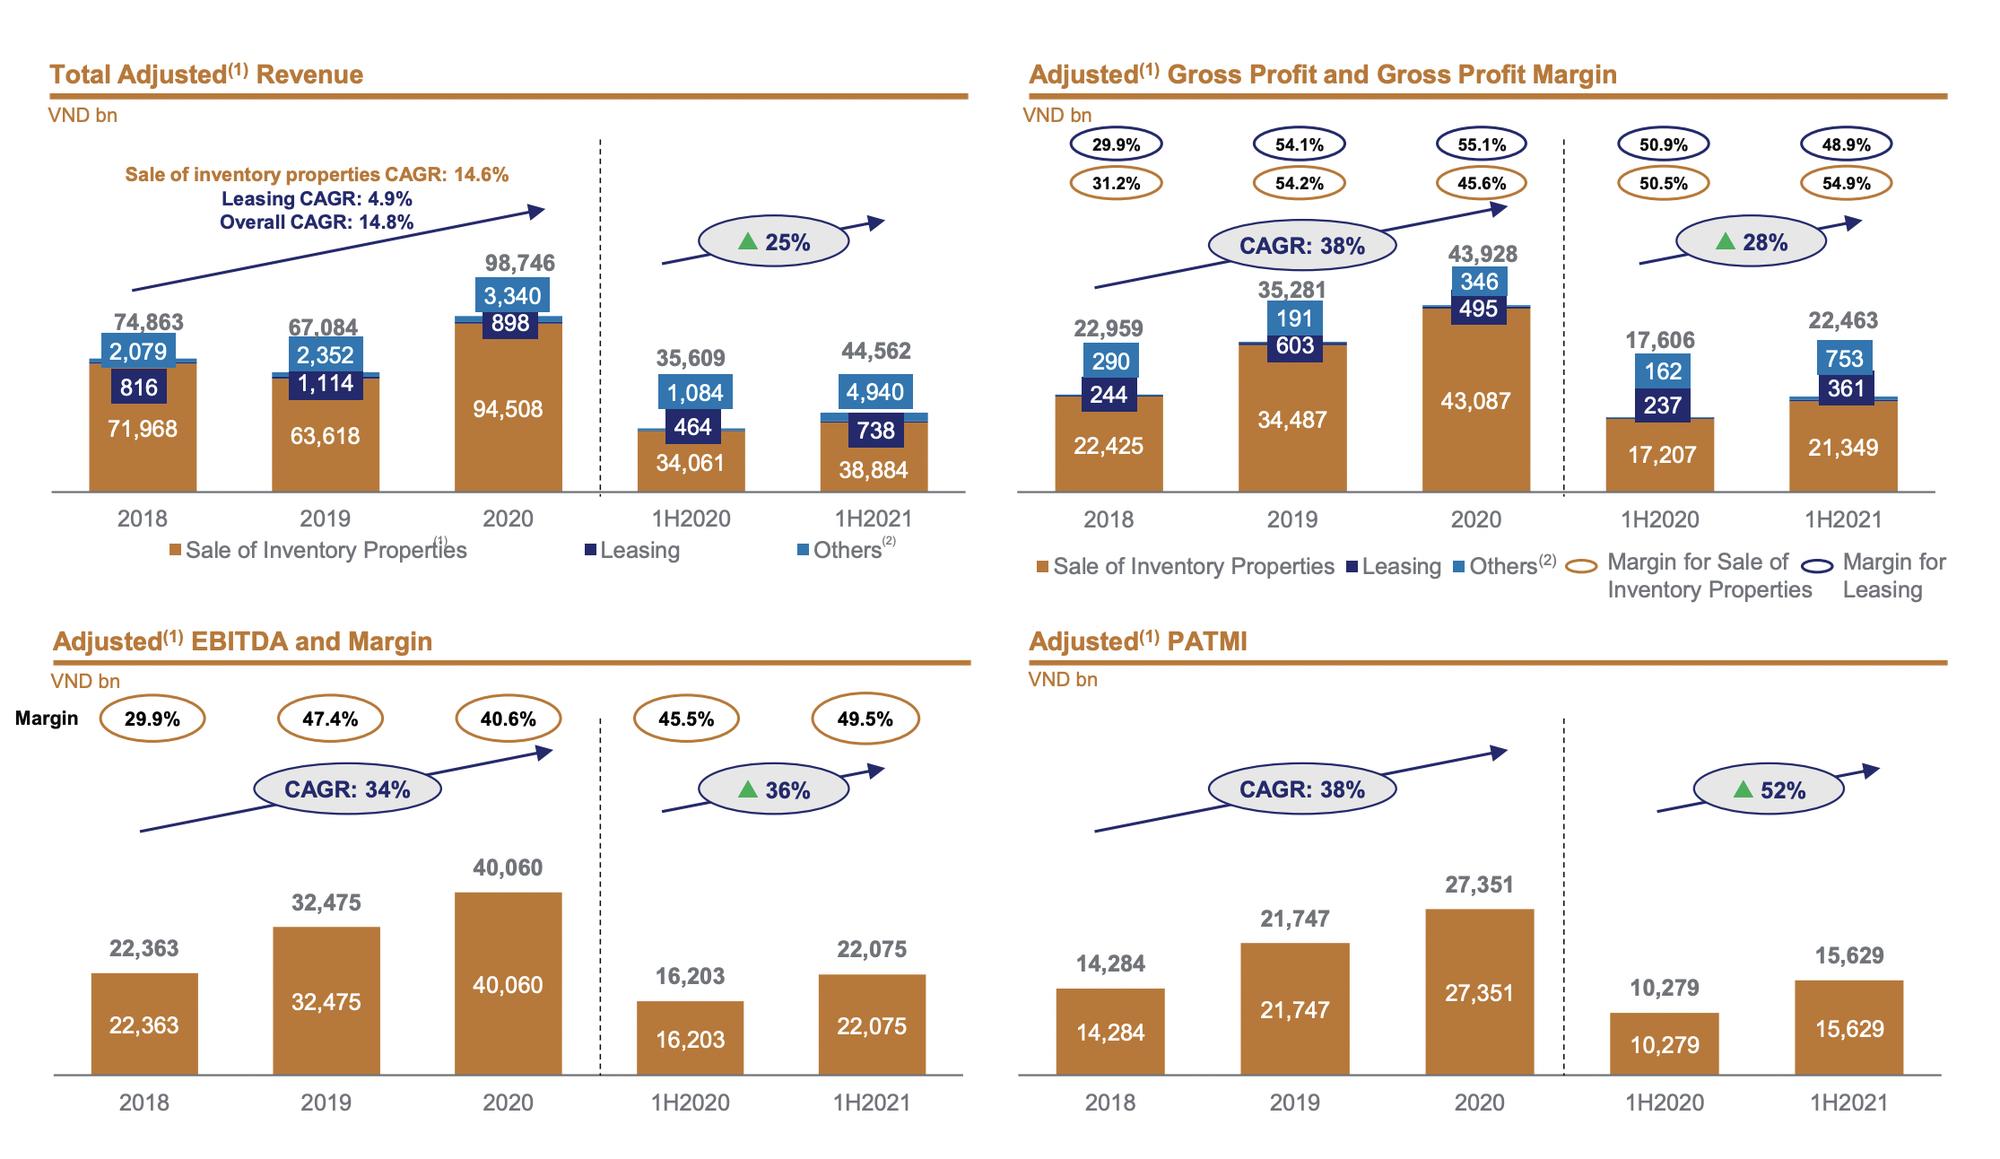 Vinhomes sắp phát hành hơn 6.500 tỷ đồng trái phiếu - Ảnh 1.